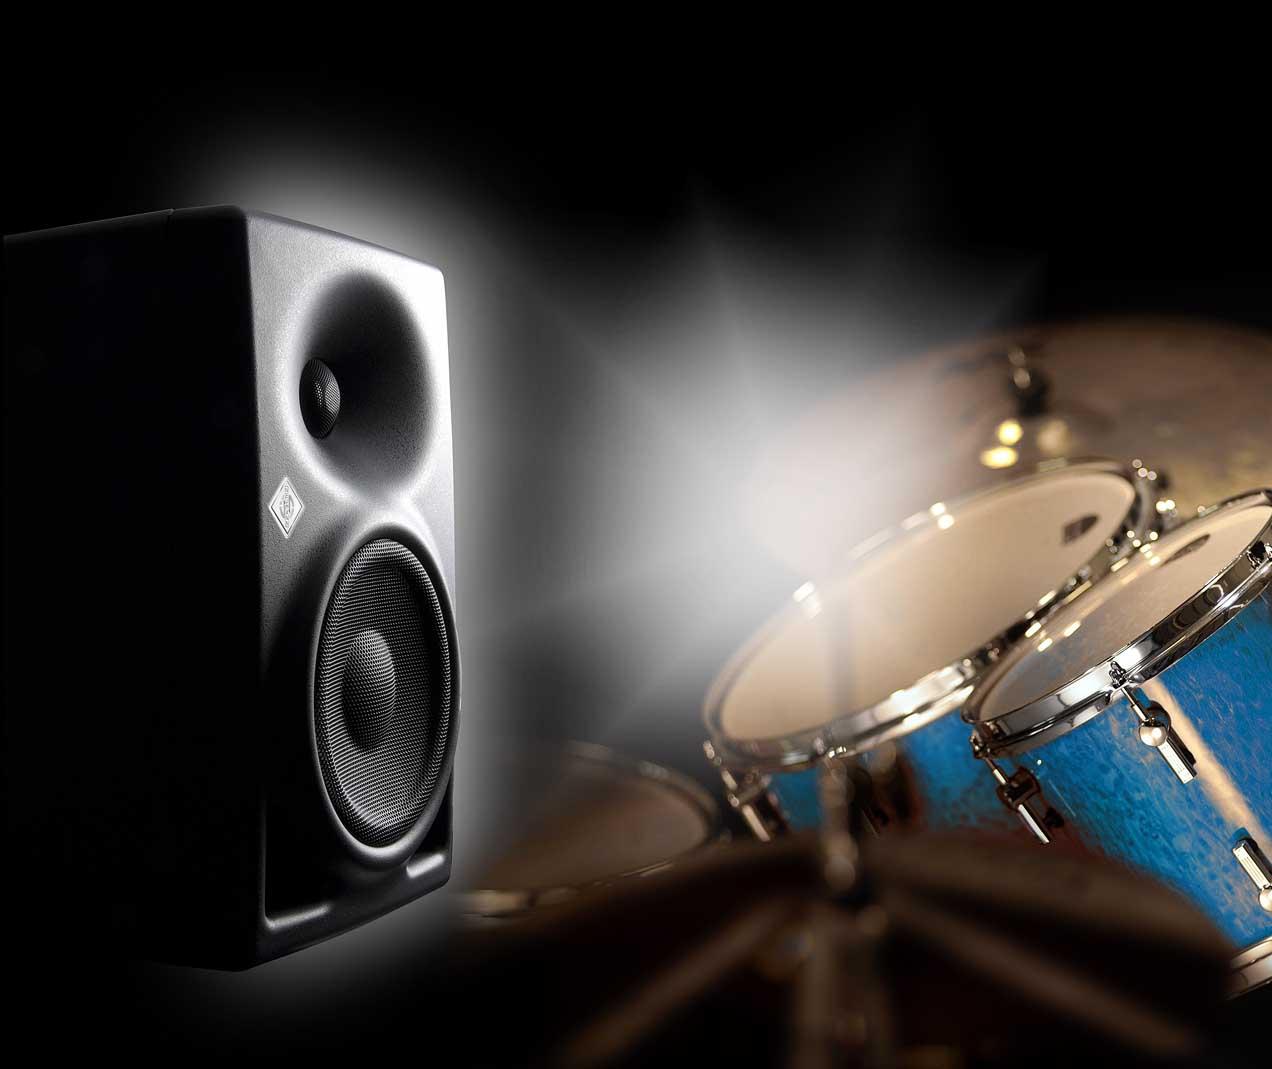 """Neumann KH 120 Powered Monitor, 100-Watt Powered, Bi-Amped, 5.25"""" Nearfield Studio Monitor Monitors, New-In-Box"""